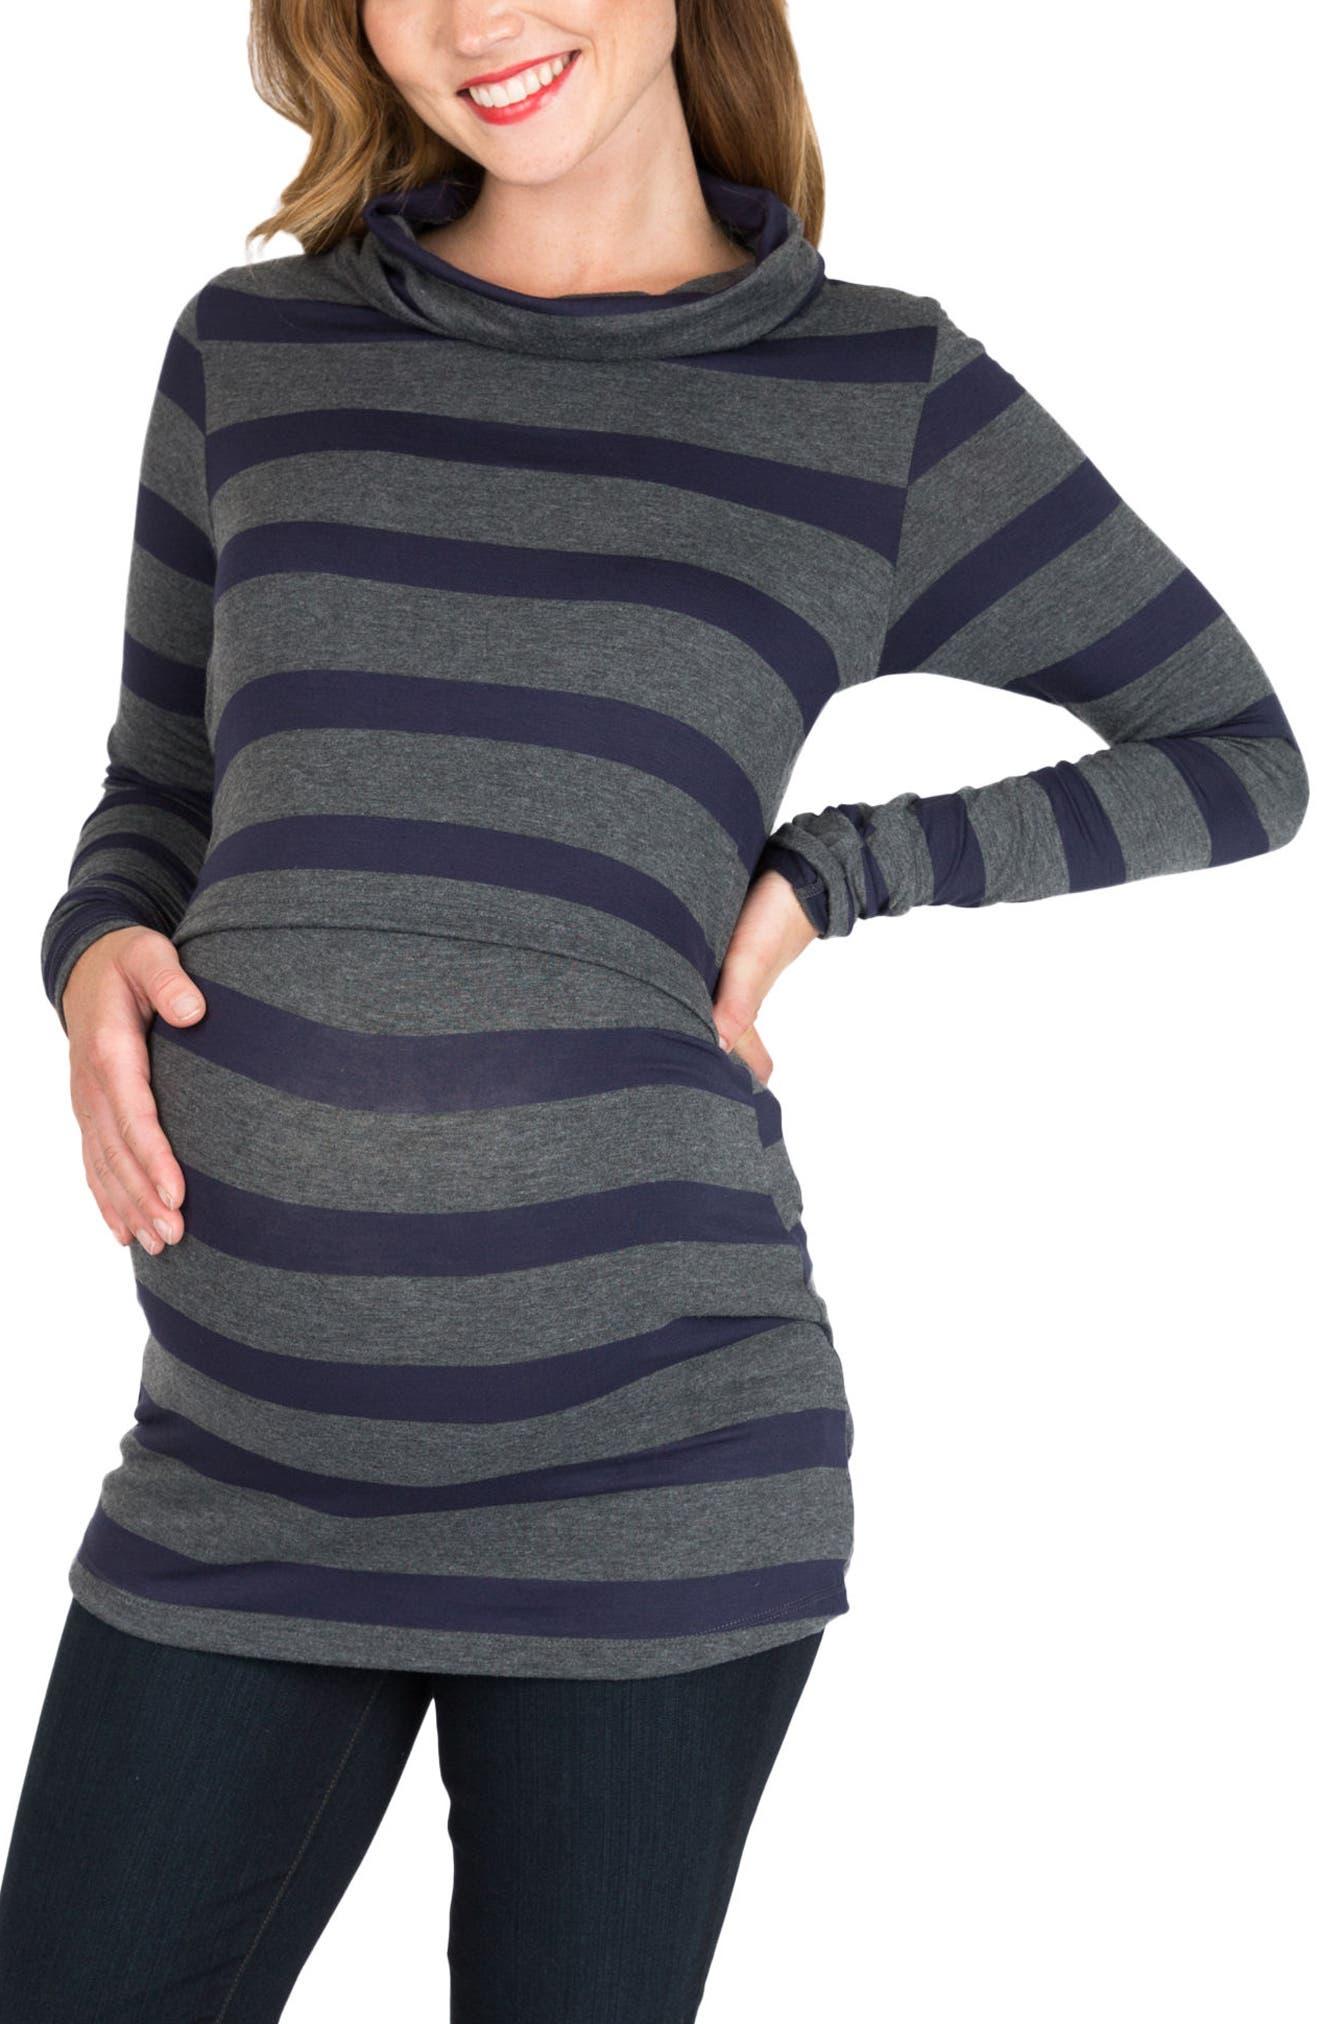 Alternate Image 1 Selected - NOM Shelley Maternity/Nursing Turtleneck Tunic